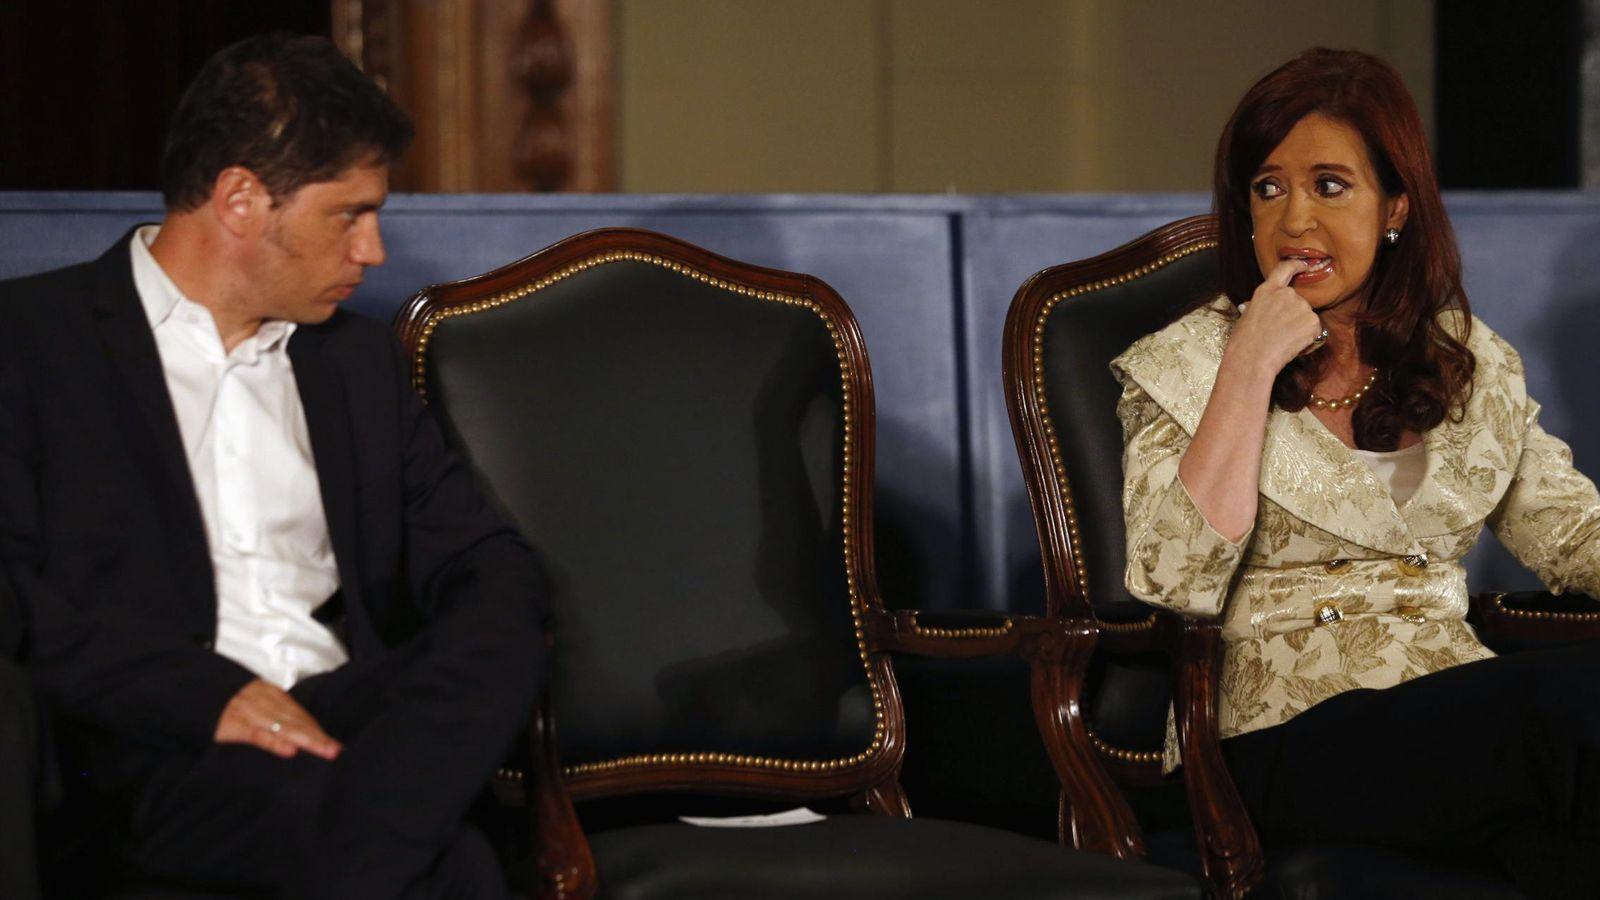 Foto: Cristina Fernández de Kirchner junto al ministro de Economía de Argentina, Axel Kicillof, durante una ceremonia en la Bolsa de Valores de Buenos Aires. REUTERS / Marcos Brindicci